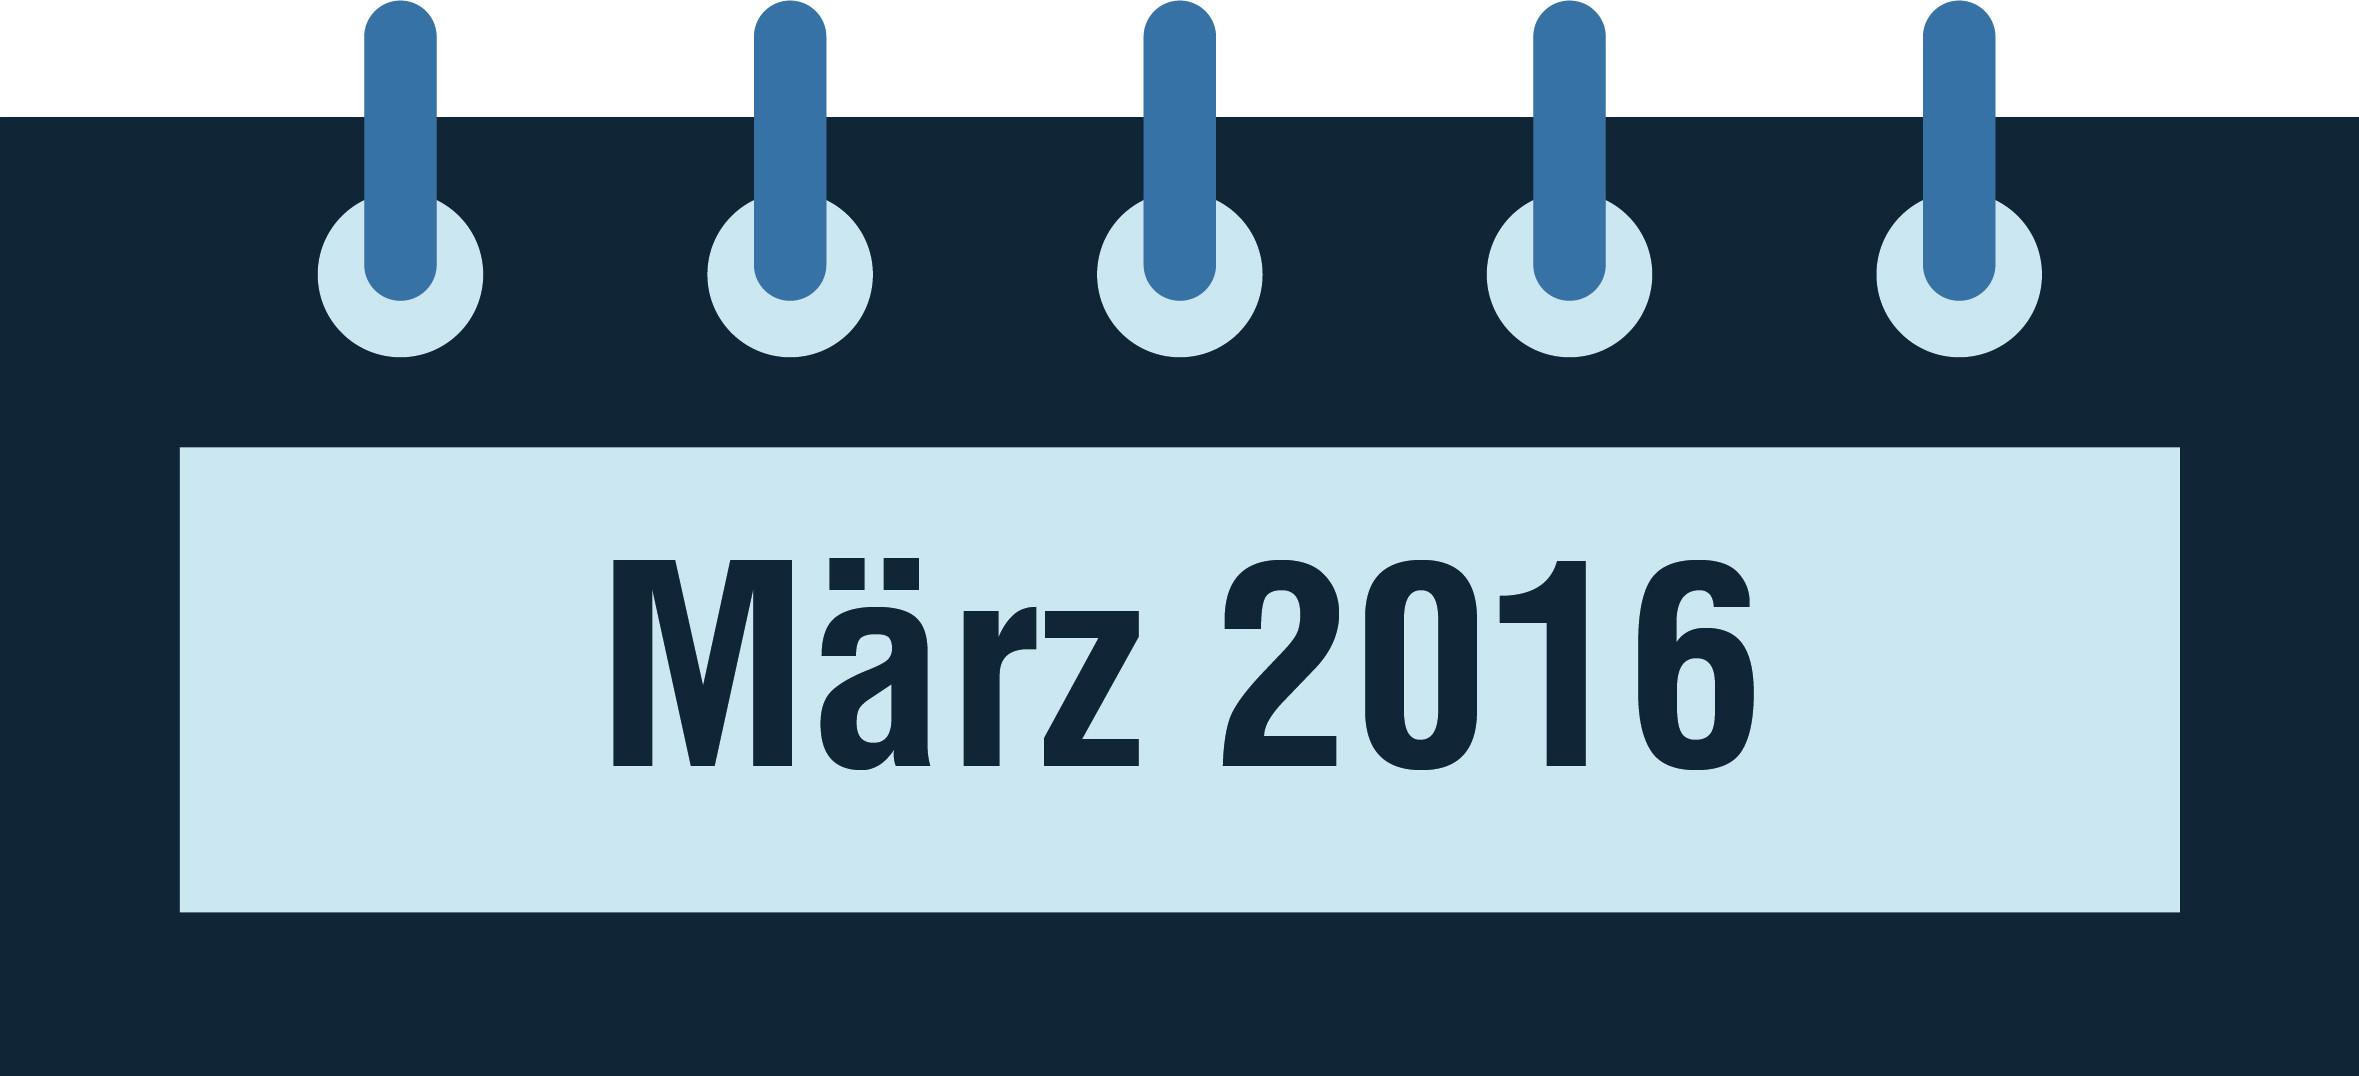 NeuroCheck Geschichte - März 2016 (Foto © NeuroCheck)